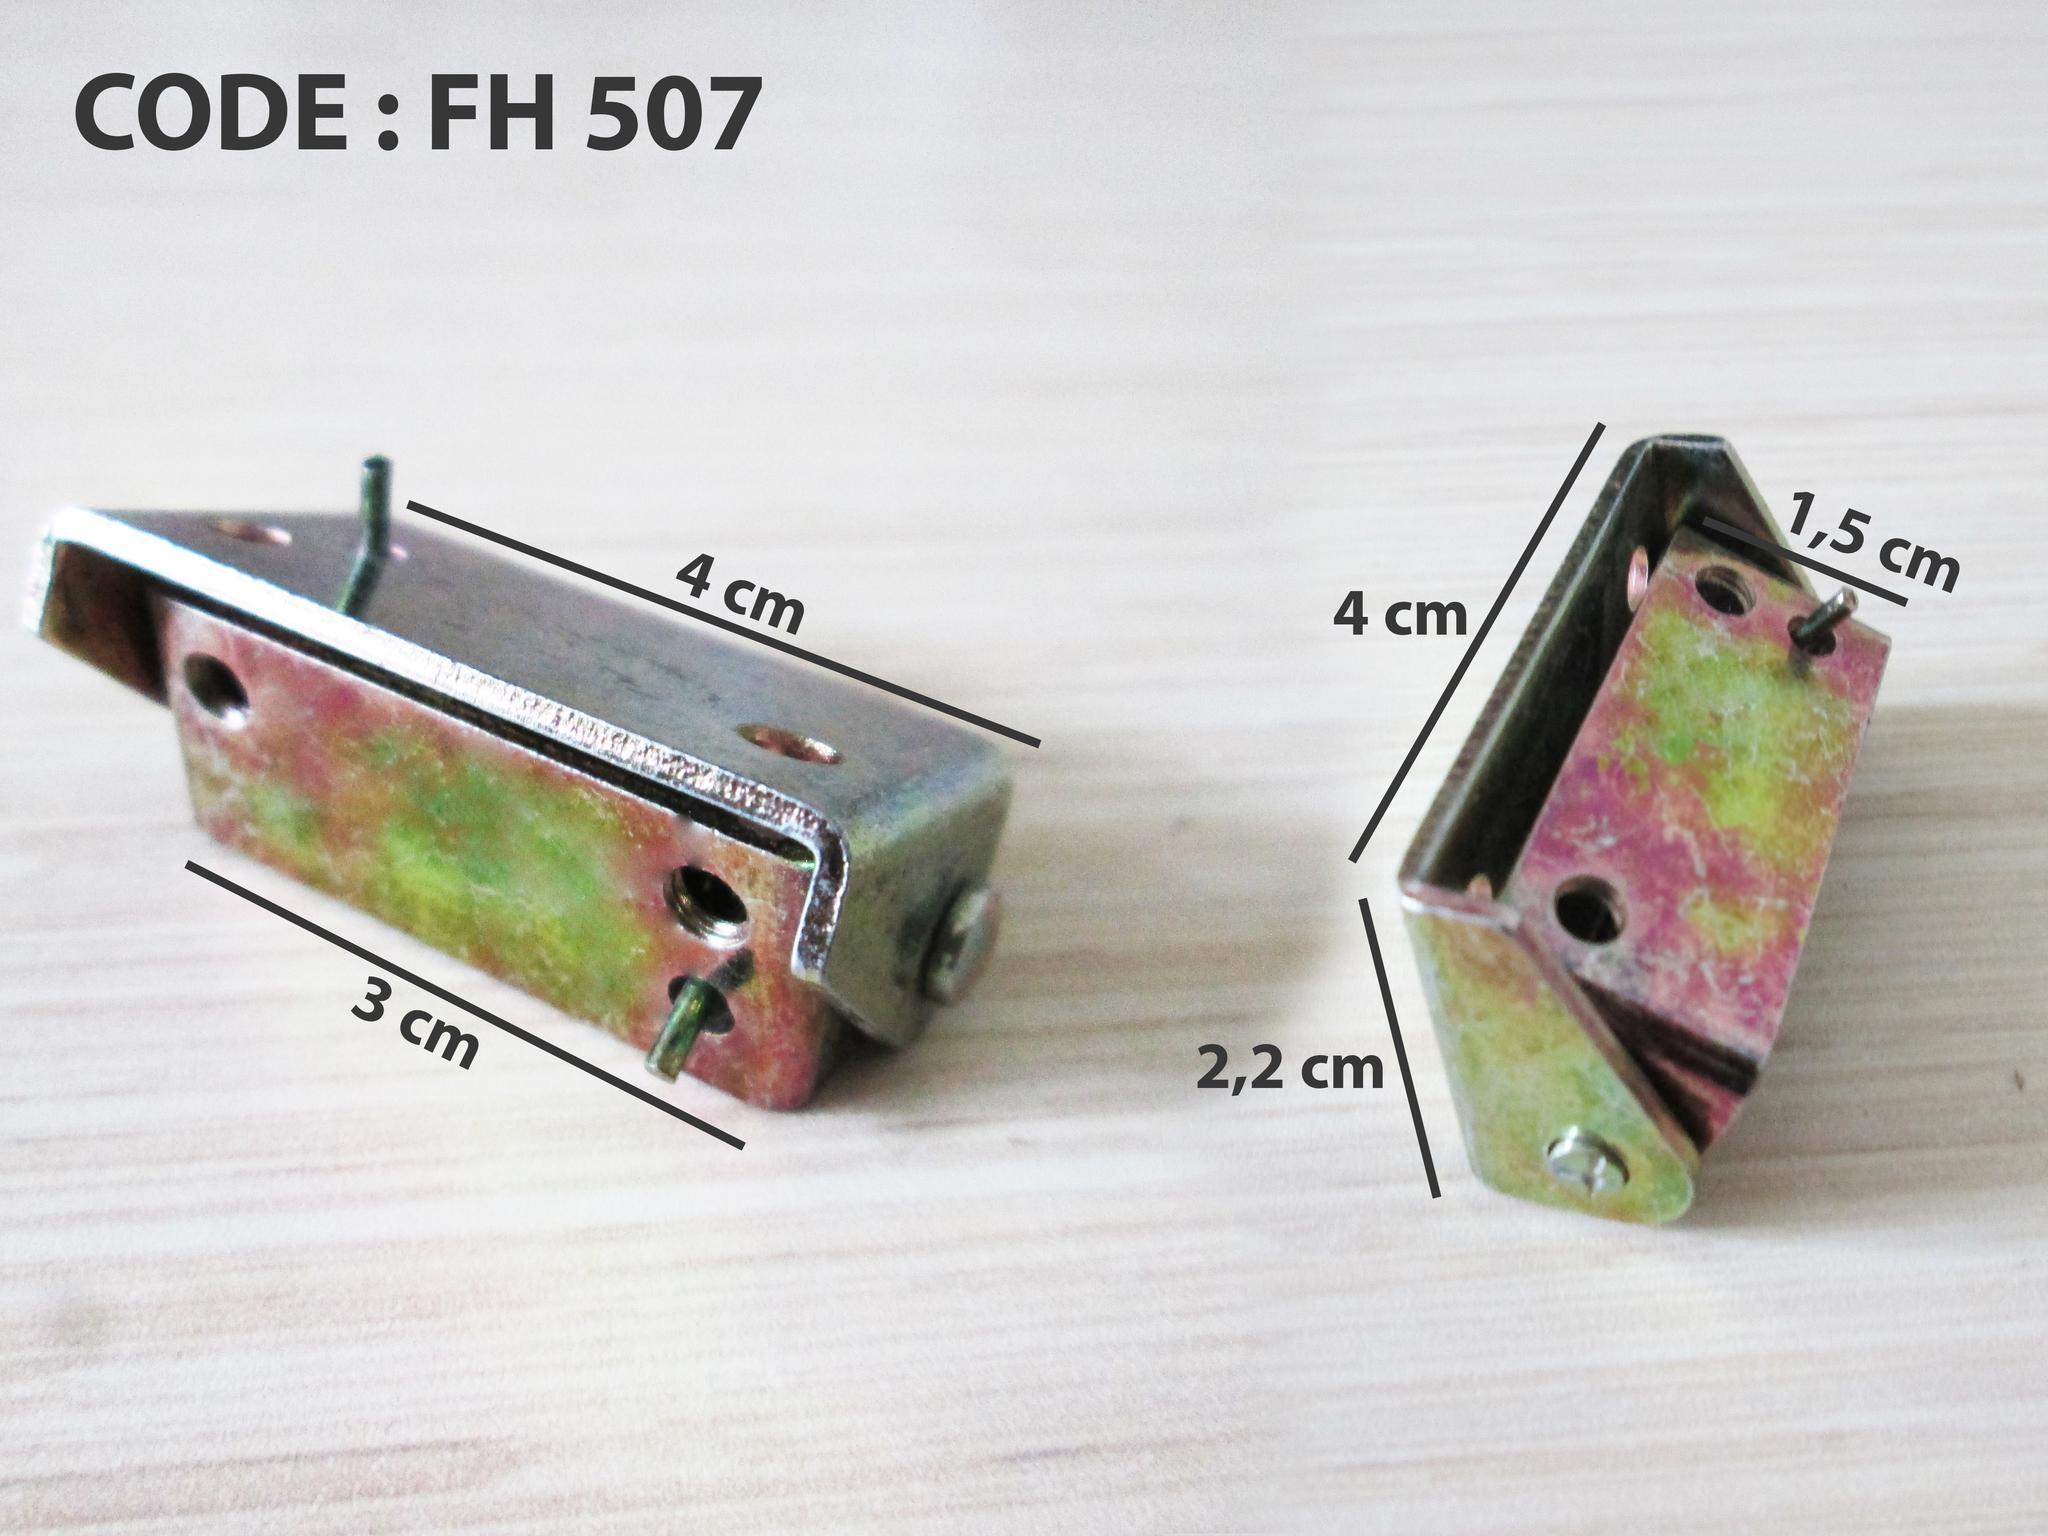 Engsel Meja Lipat/ Engsel Flap Hinge/ FH 507 NEW